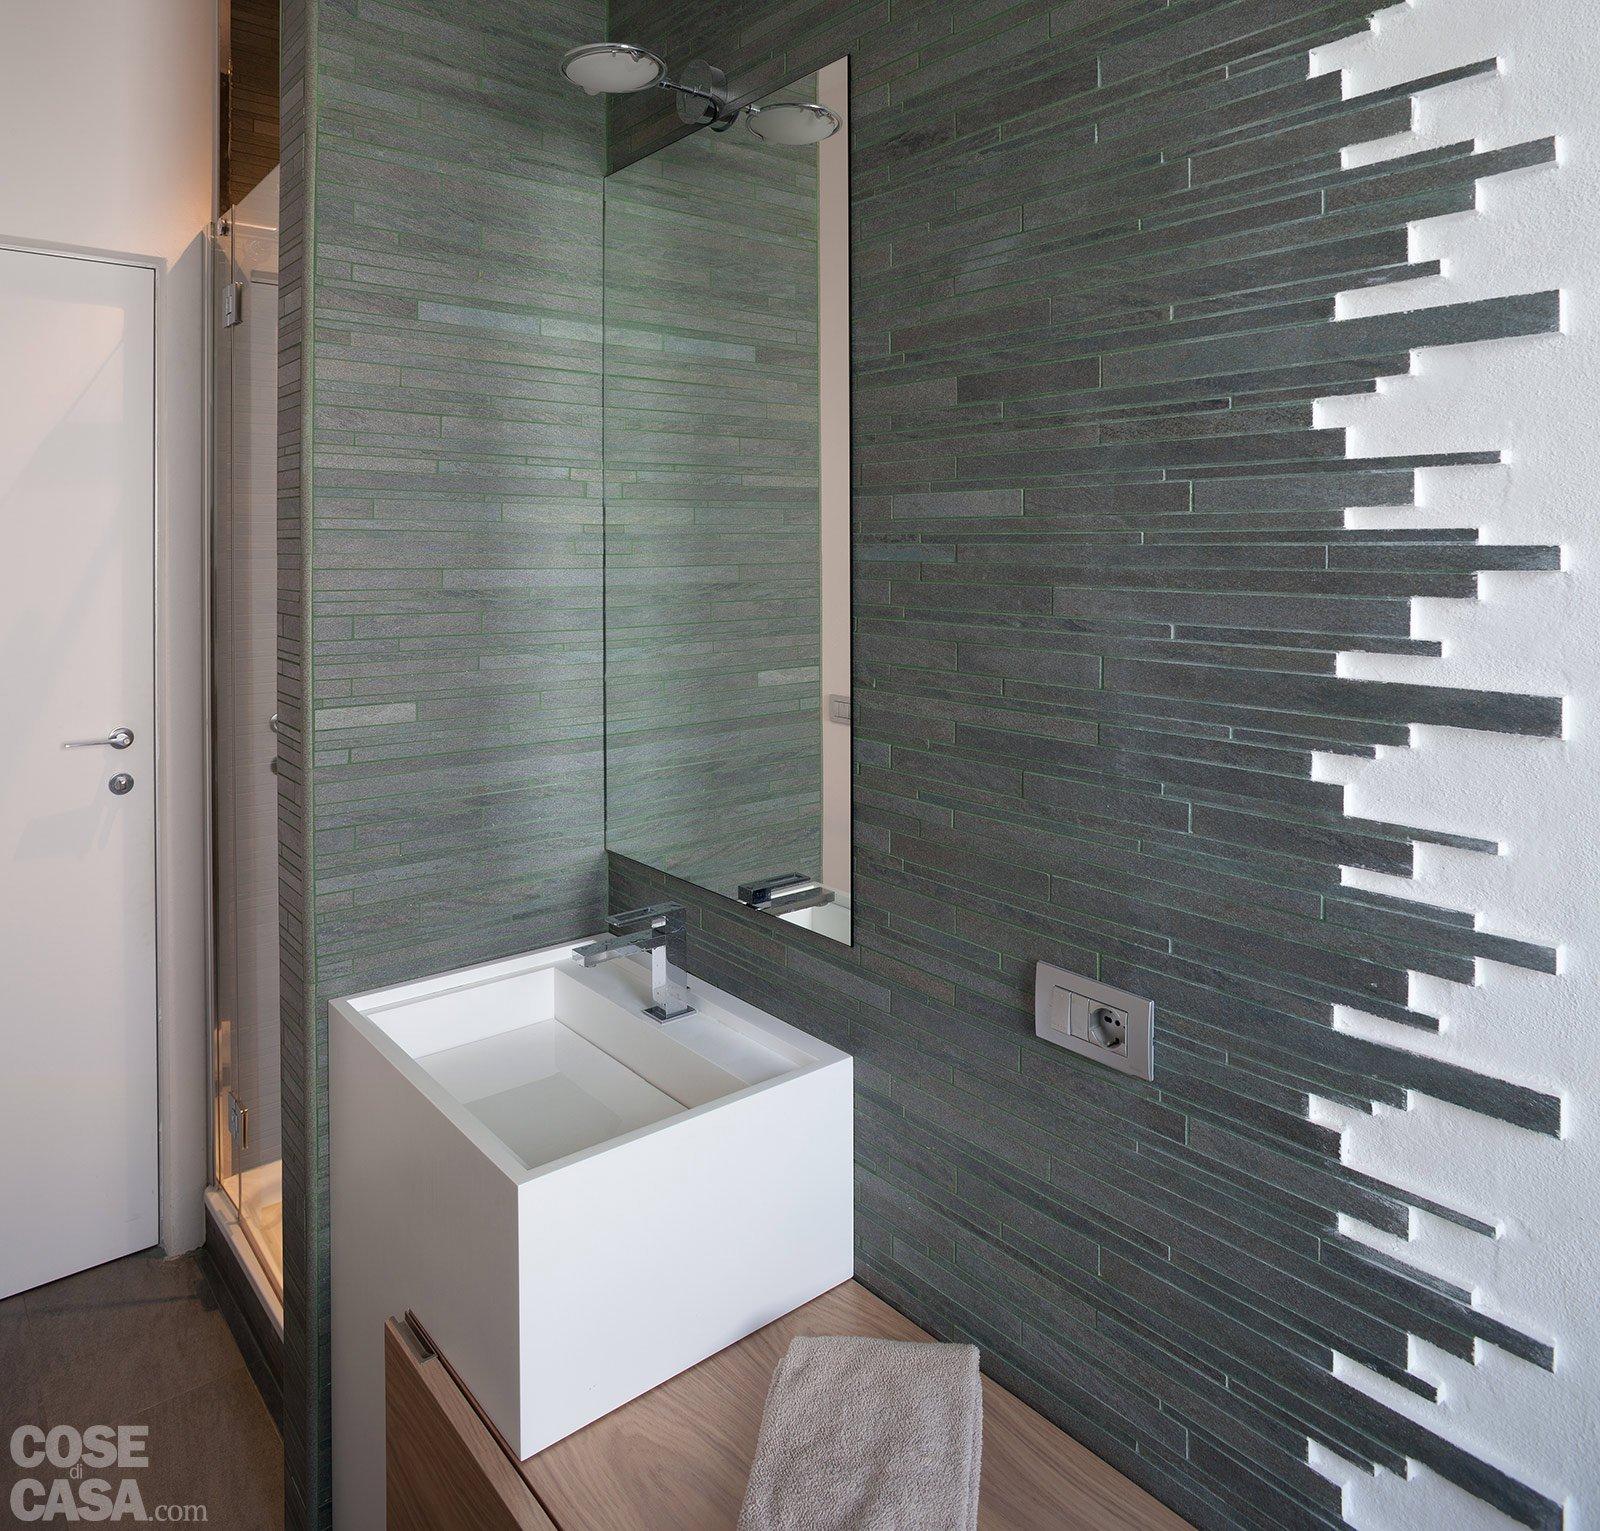 Ambienti contemporanei per una casa di taglio tradizionale cose di casa - Rivestimento pareti bagno ...